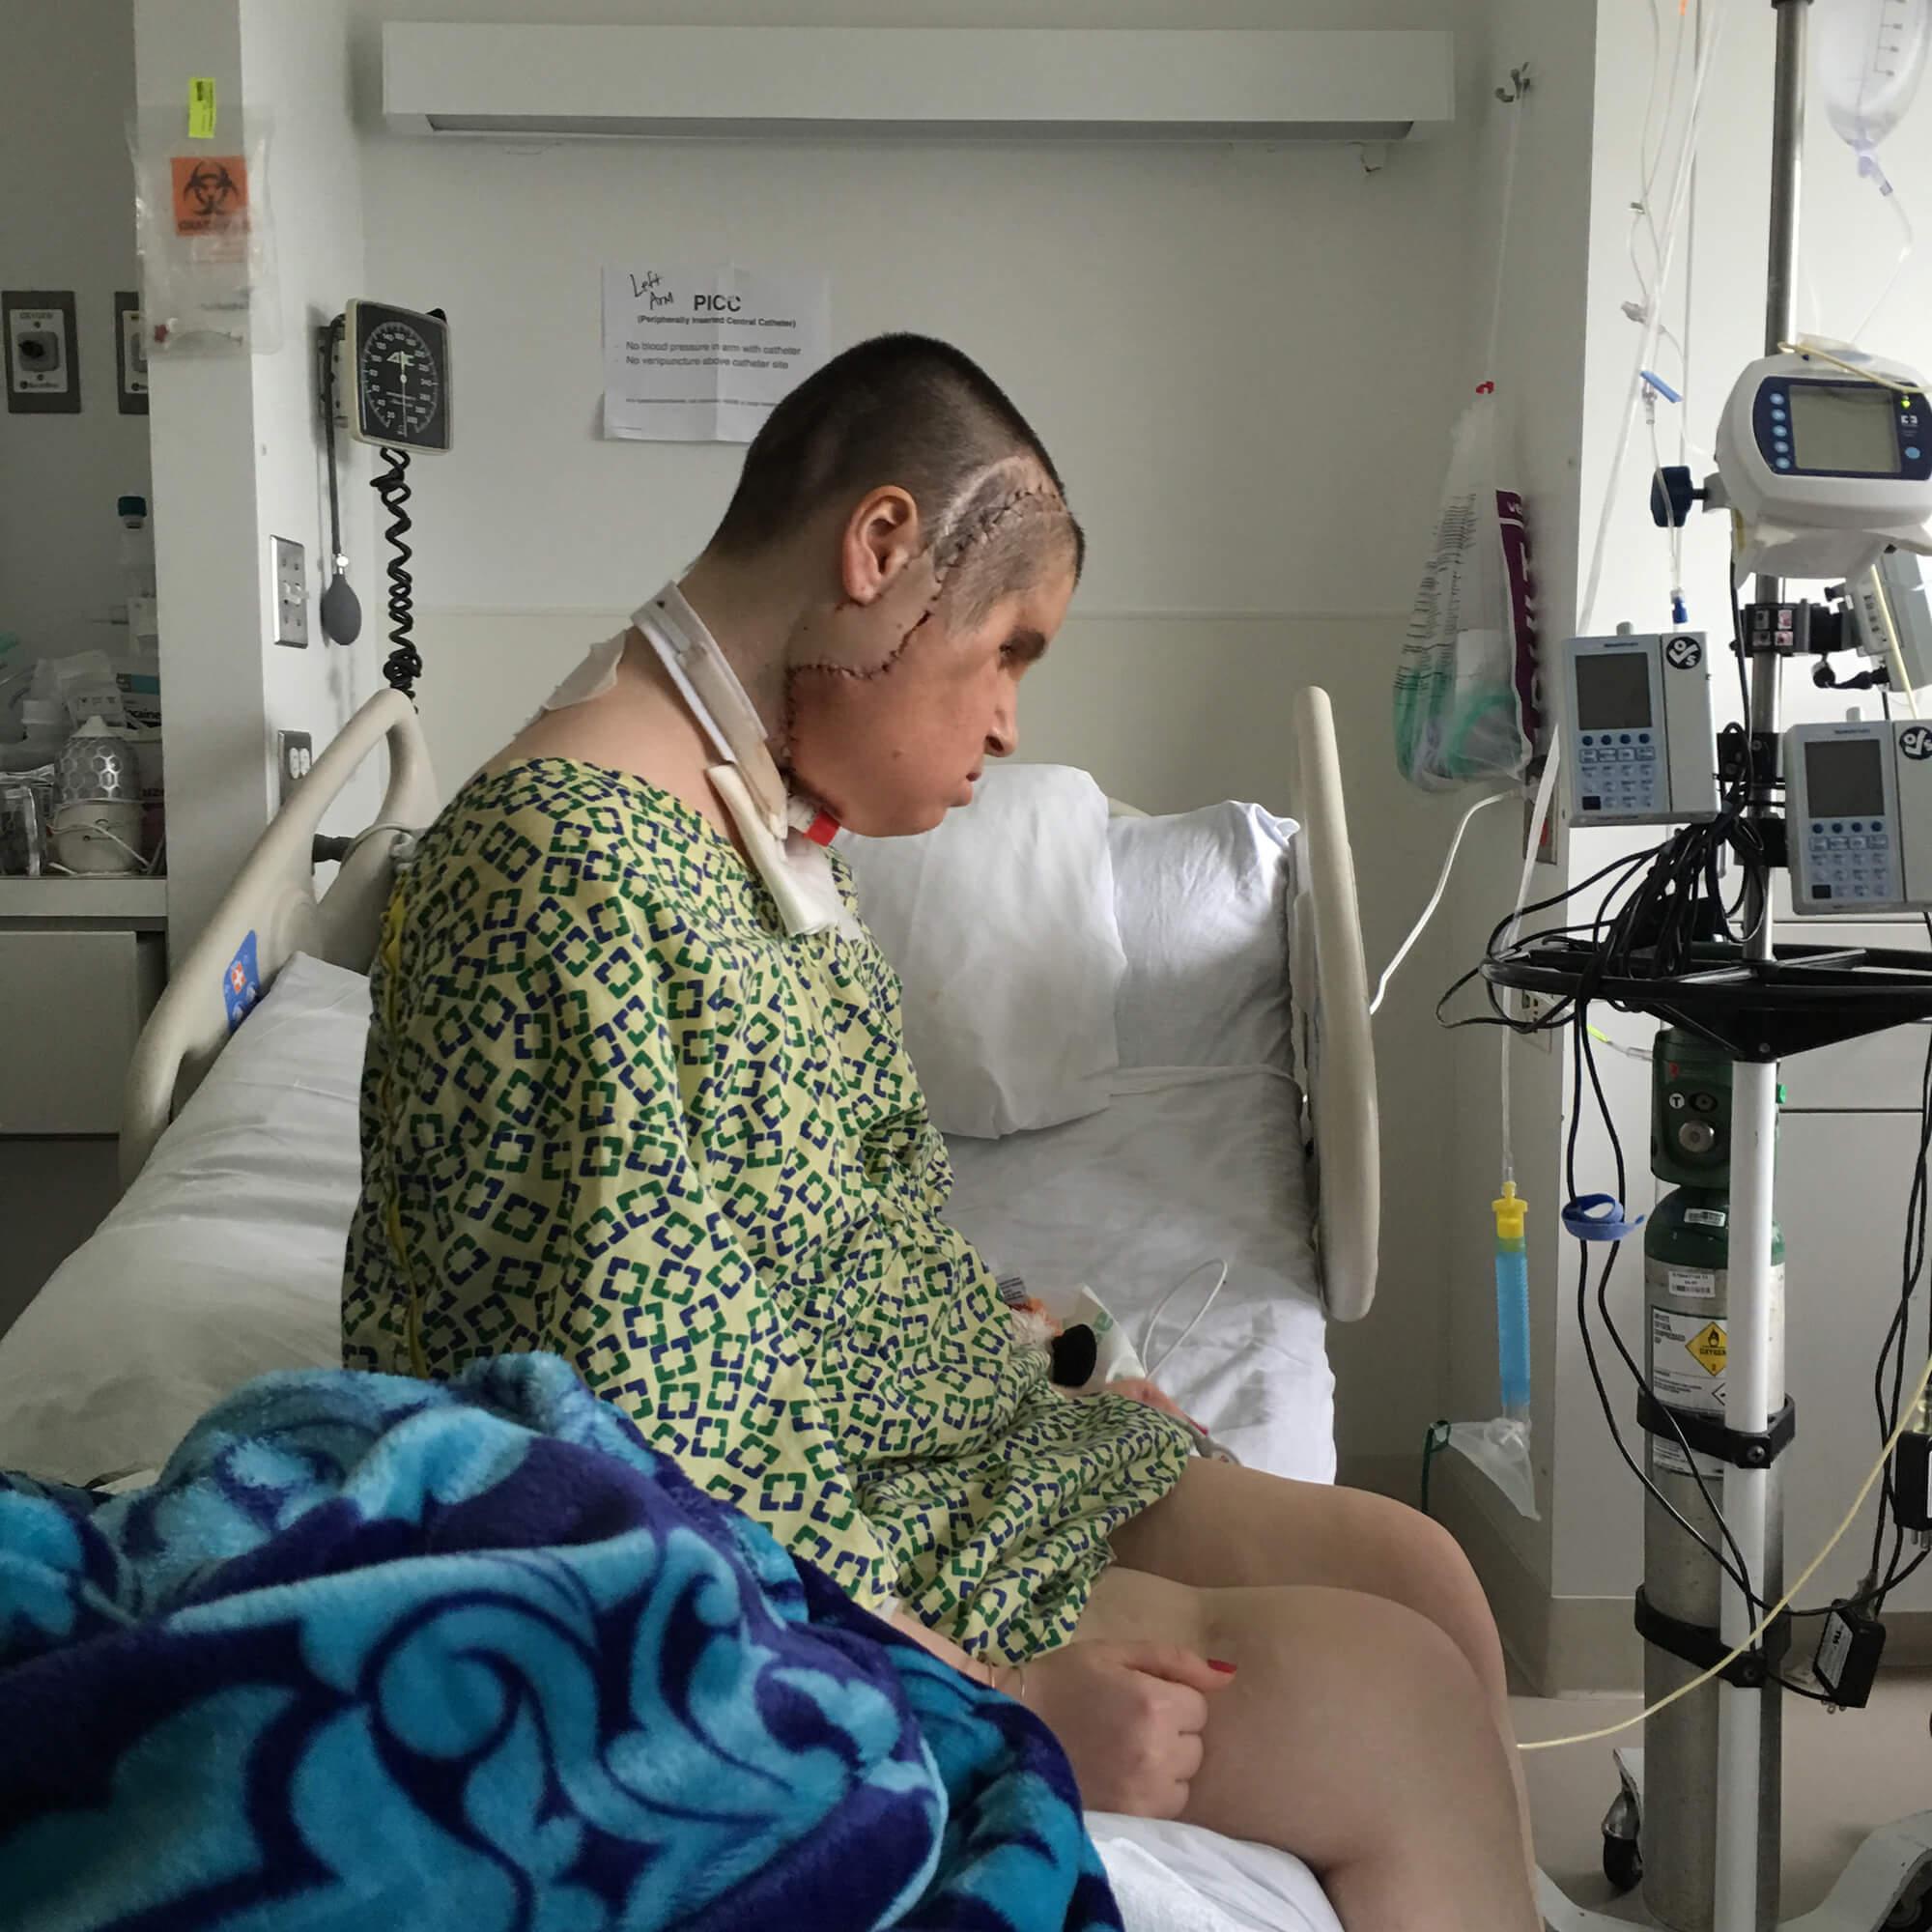 Steber_Katie-after-face-transplant